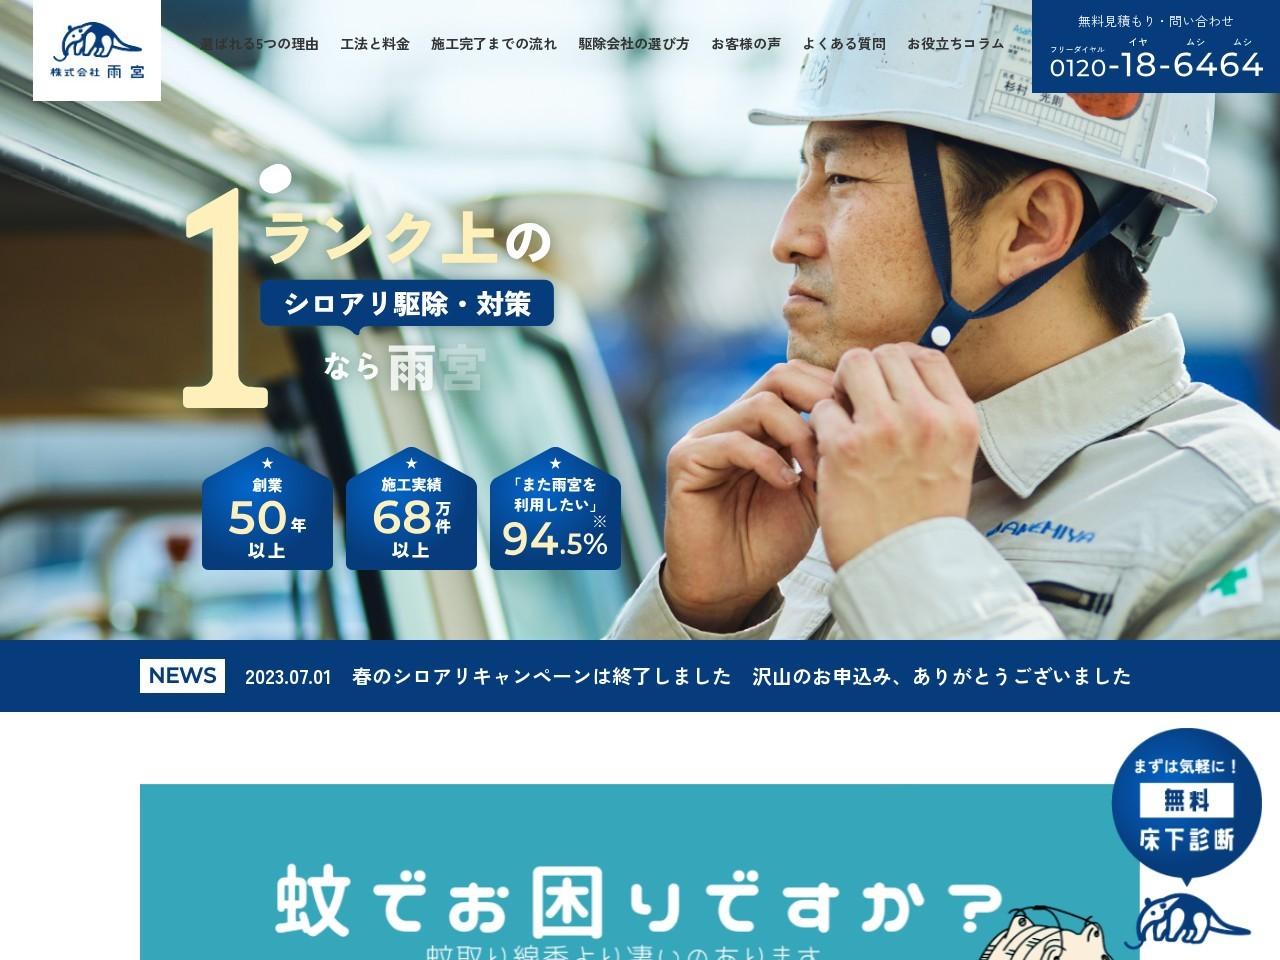 株式会社雨宮浜松営業所